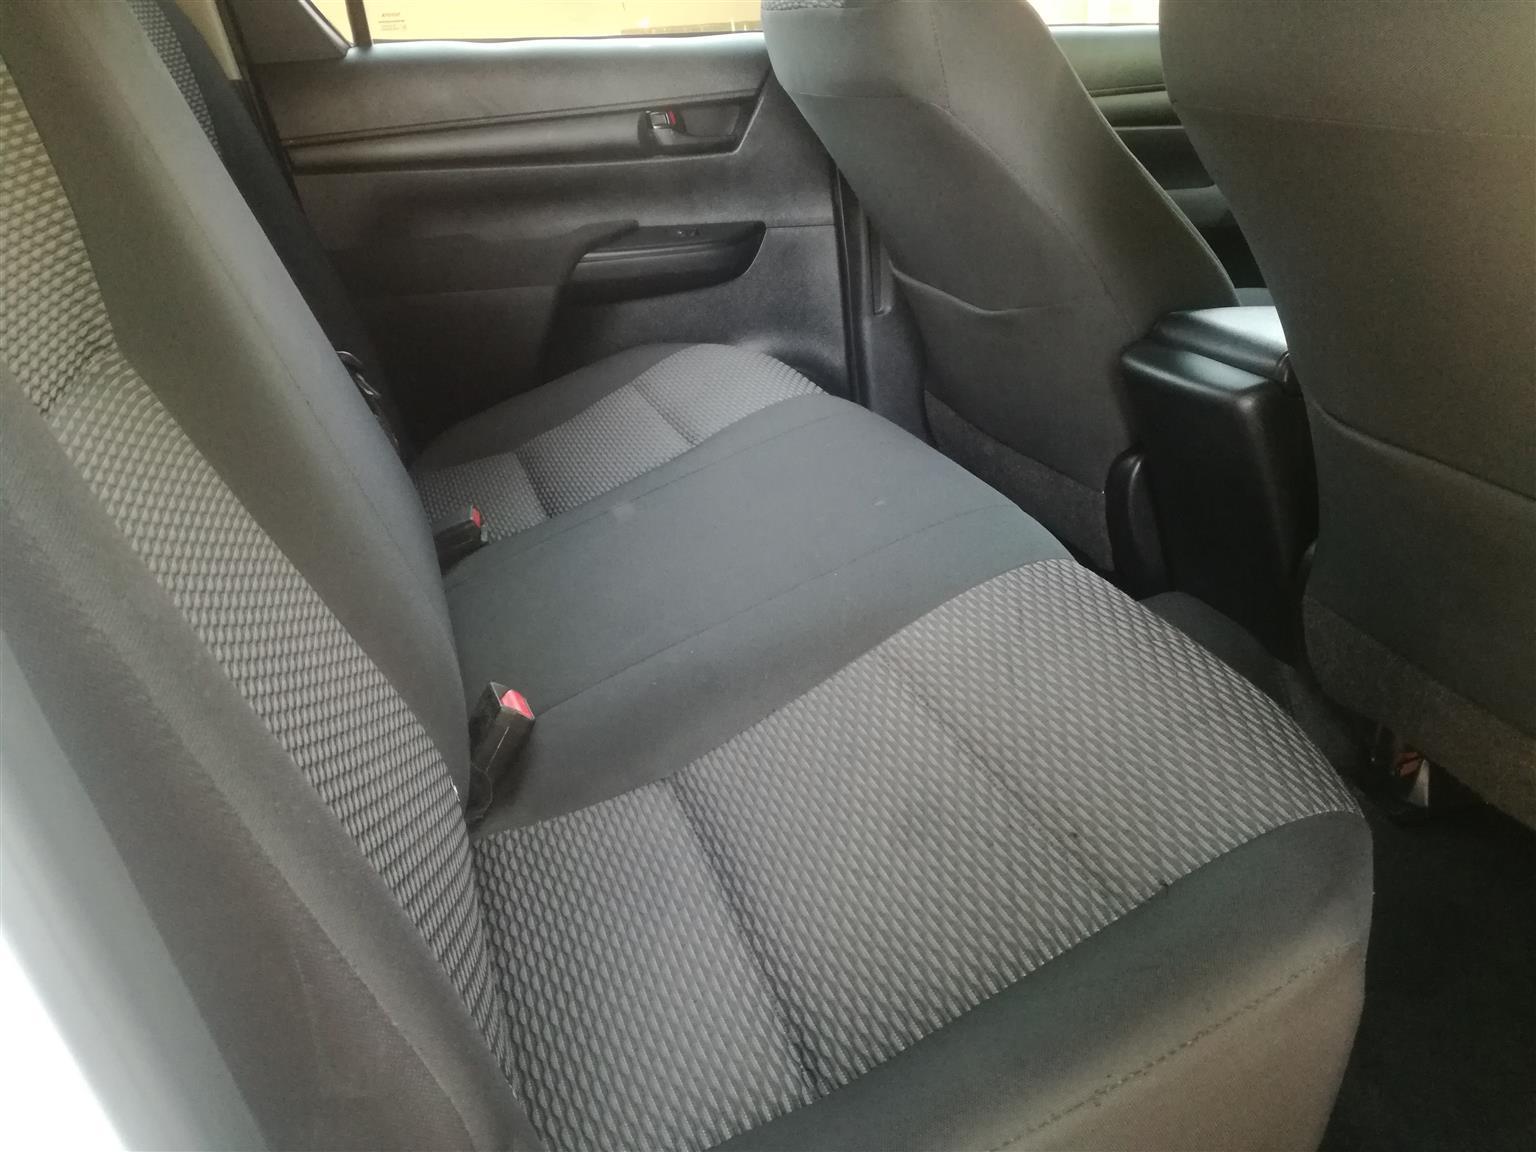 2017 Toyota Hilux double cab HILUX 2.4 GD 6 RB SRX A/T P/U D/C